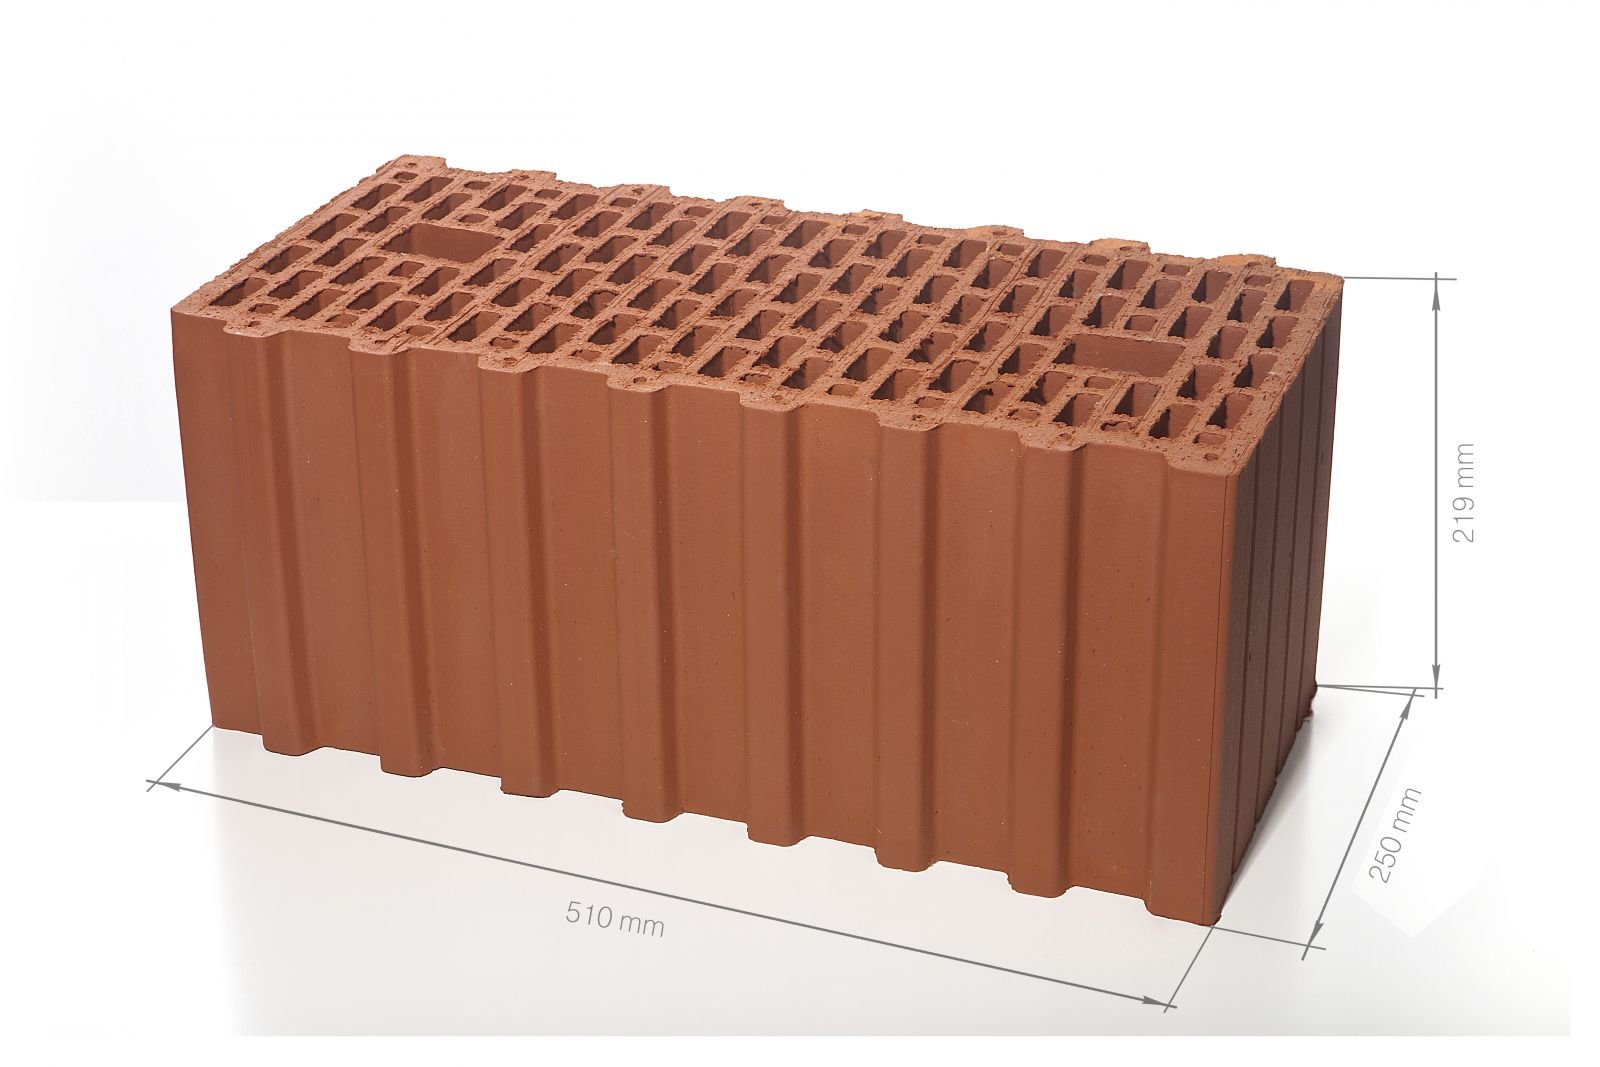 Керамический блок BRAER 51 14,3 НФ M100/125